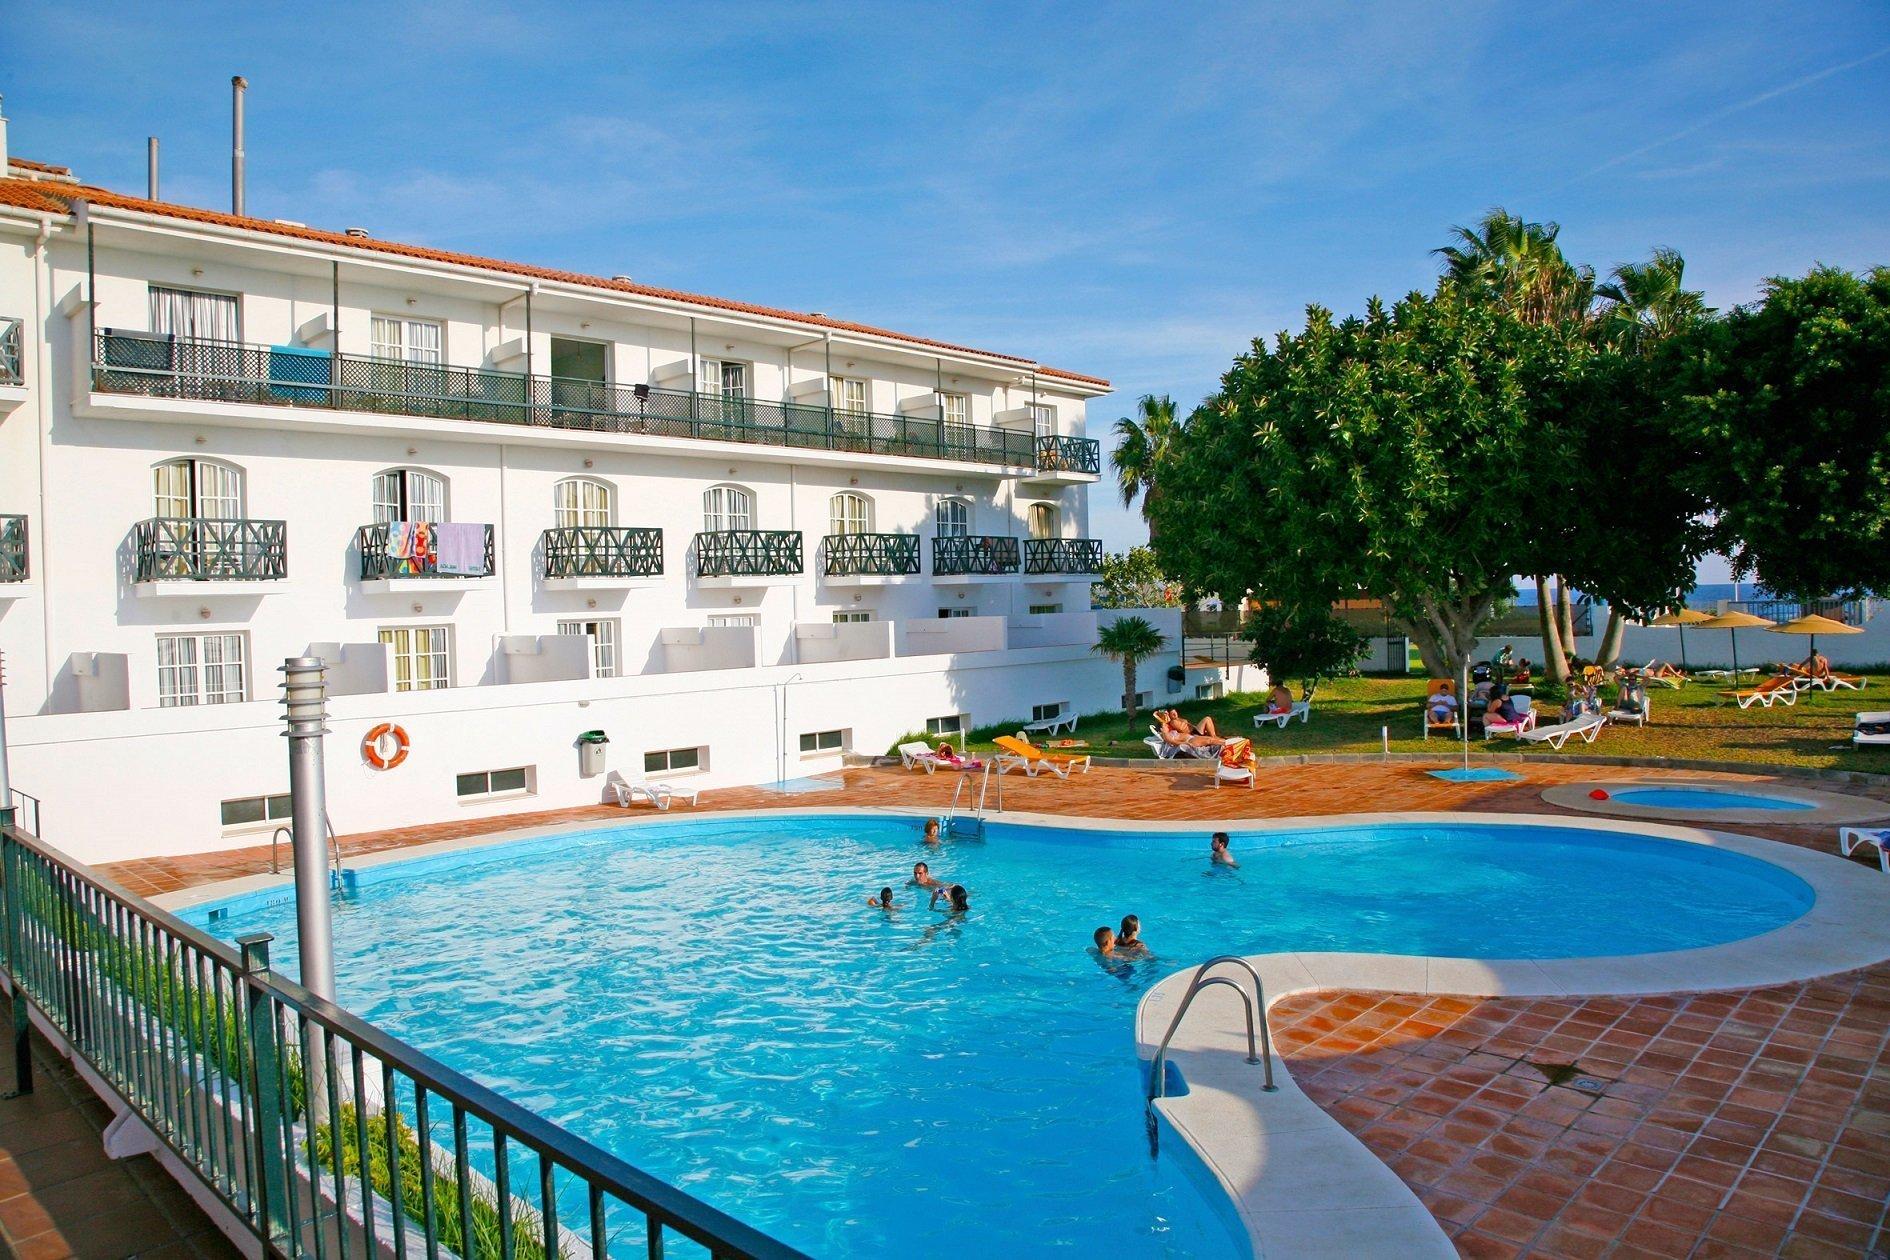 Hotel ath la perla web oficial hotel 3 estrellas carchuna - Hoteles de tres estrellas en granada ...